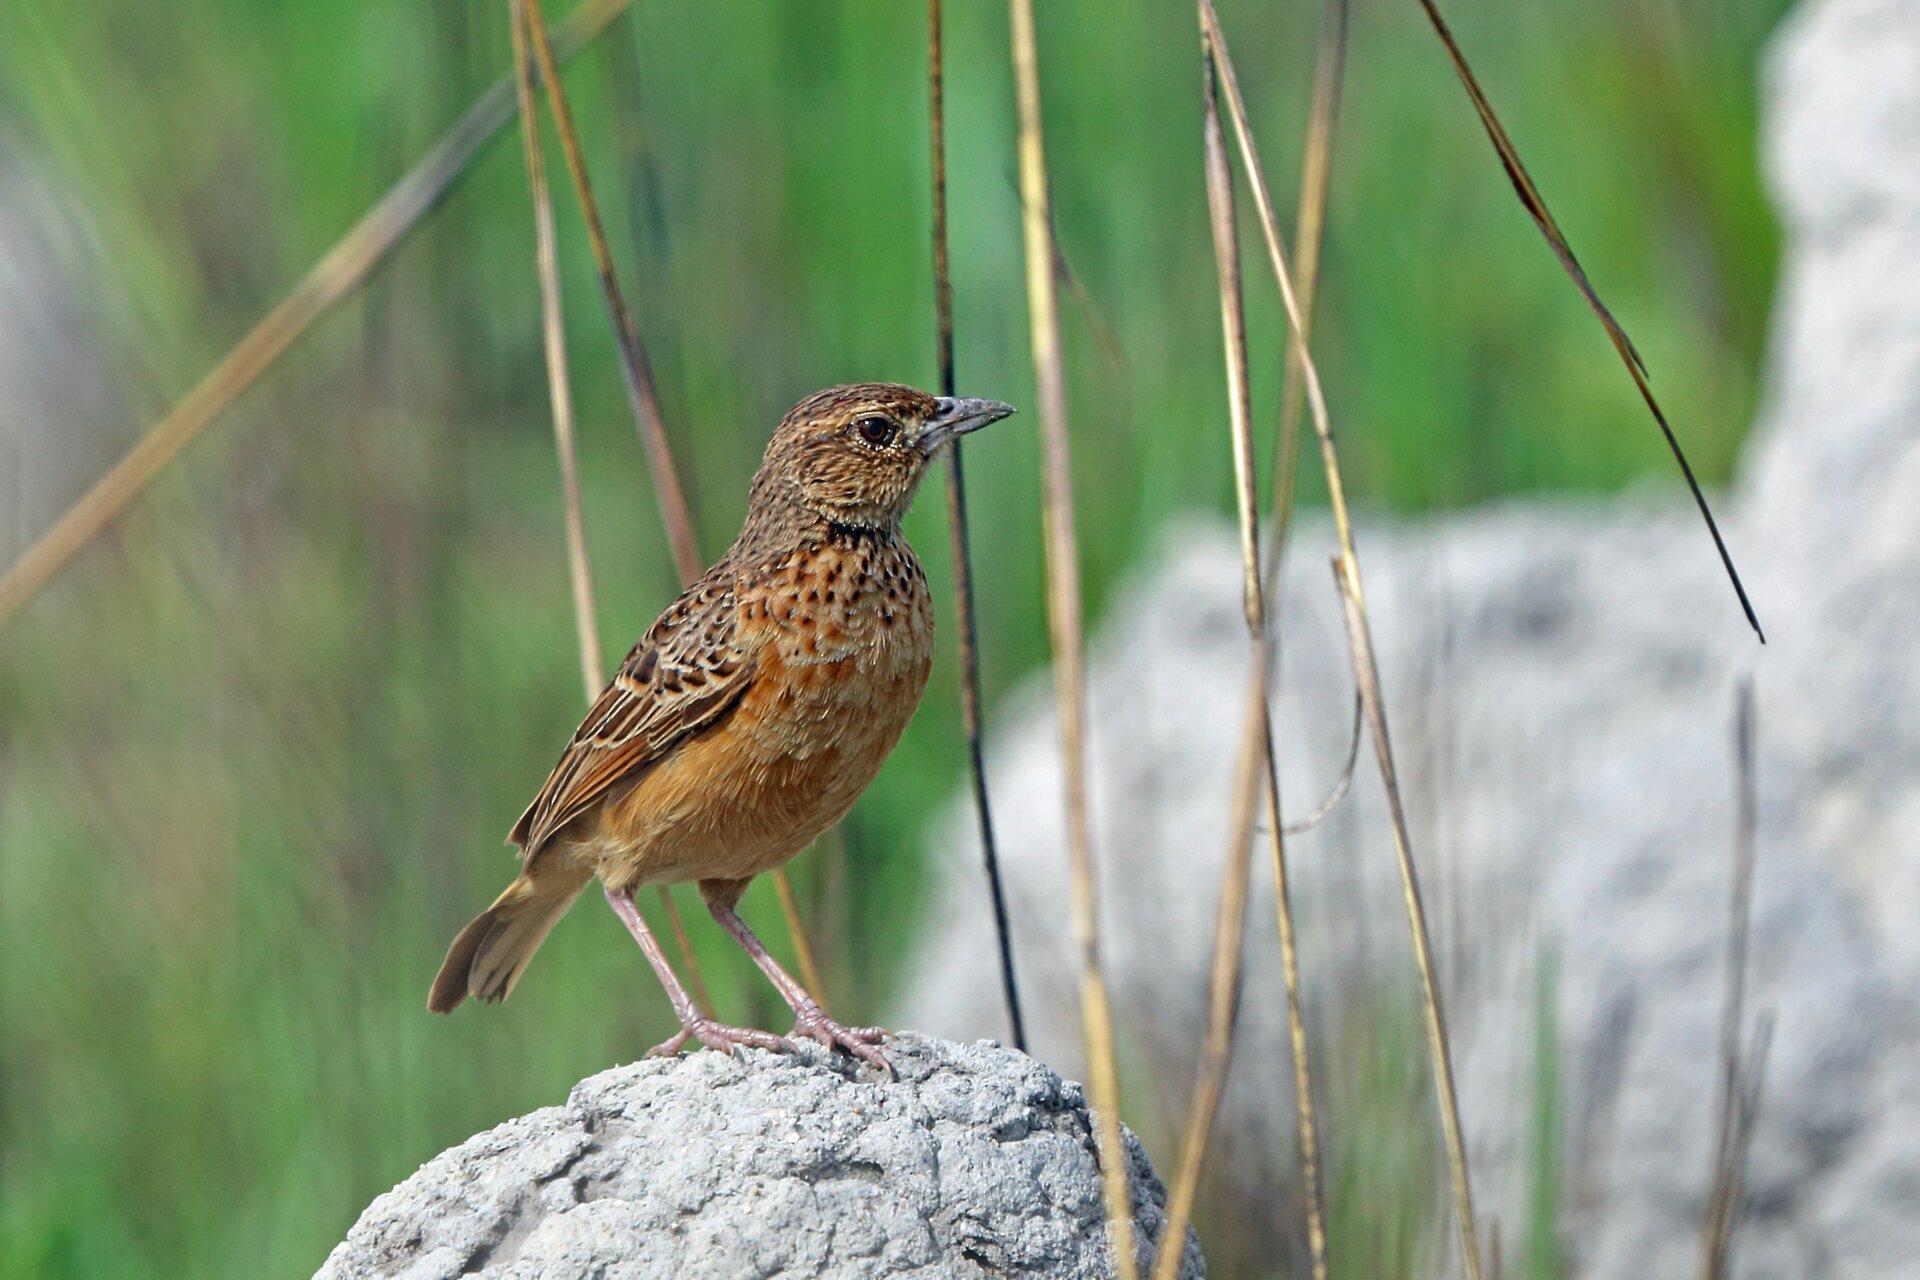 Fotografia przedstawia wzbliżeniu skowronka, stojącego na ziemi na cienkich nogach. Ptak ma szary brzuch ibrązowo nakrapiany grzbiet iskrzydła. Głowa wprawo, widoczne duże czarne oko ikrótki, cienki dziób.